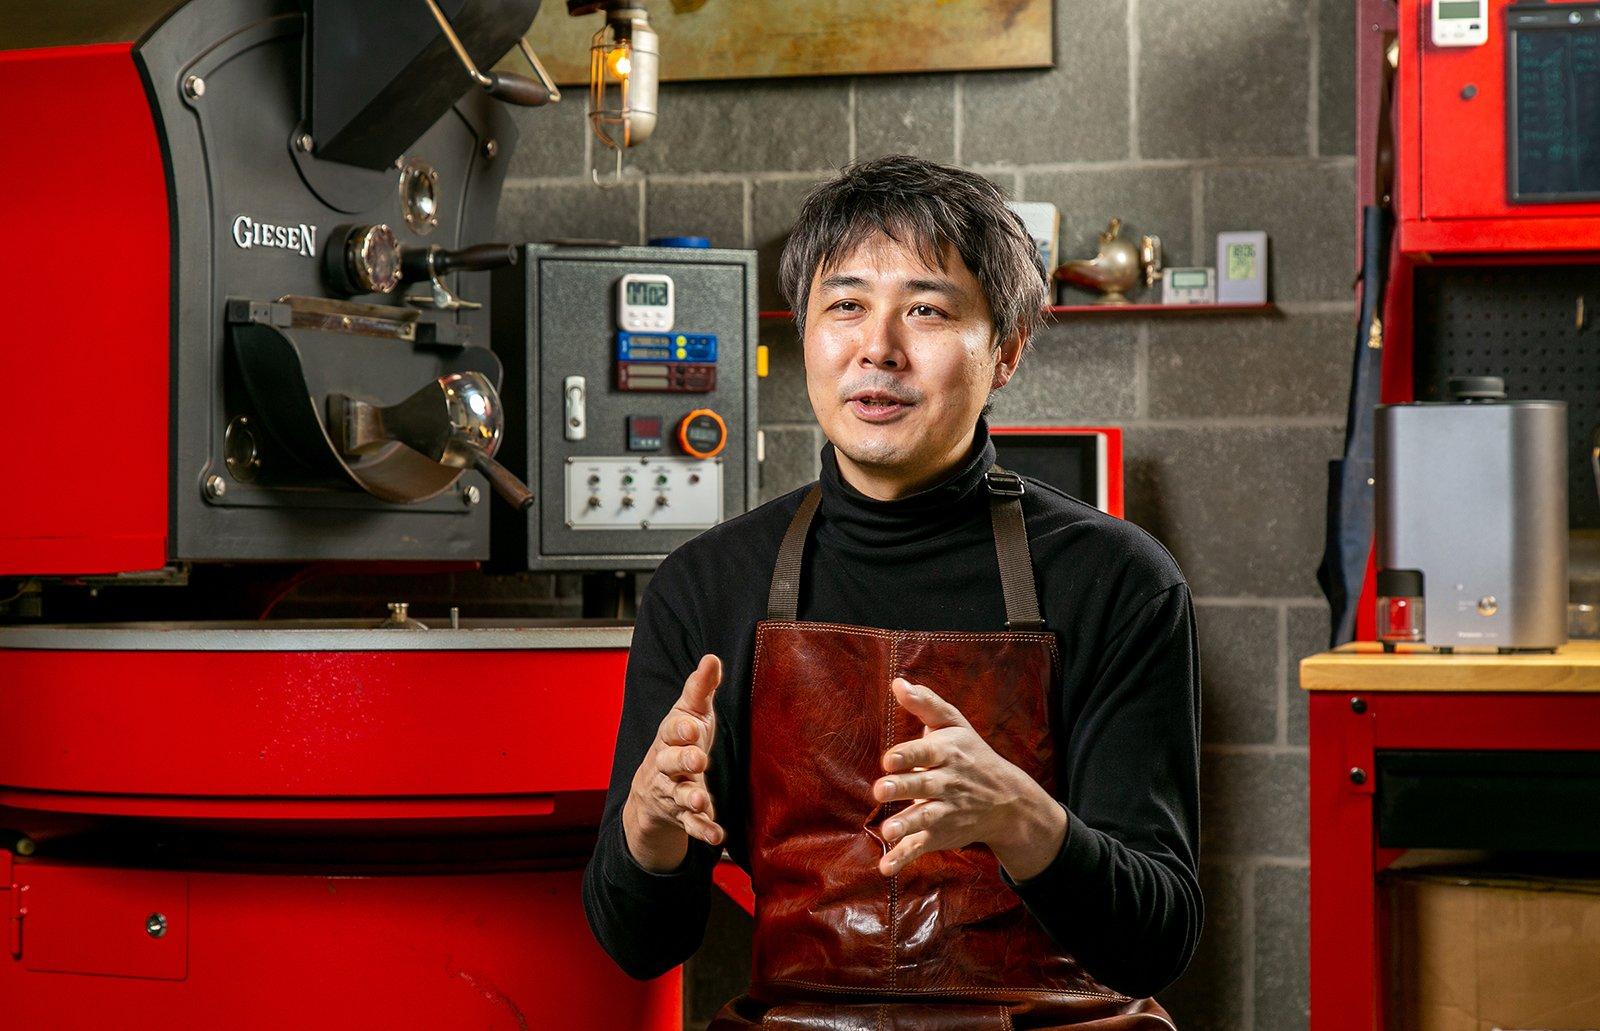 Photo: Naoki Goto, World Coffee Roasting Champion 2013, Owner Roaster, Tokado Coffee